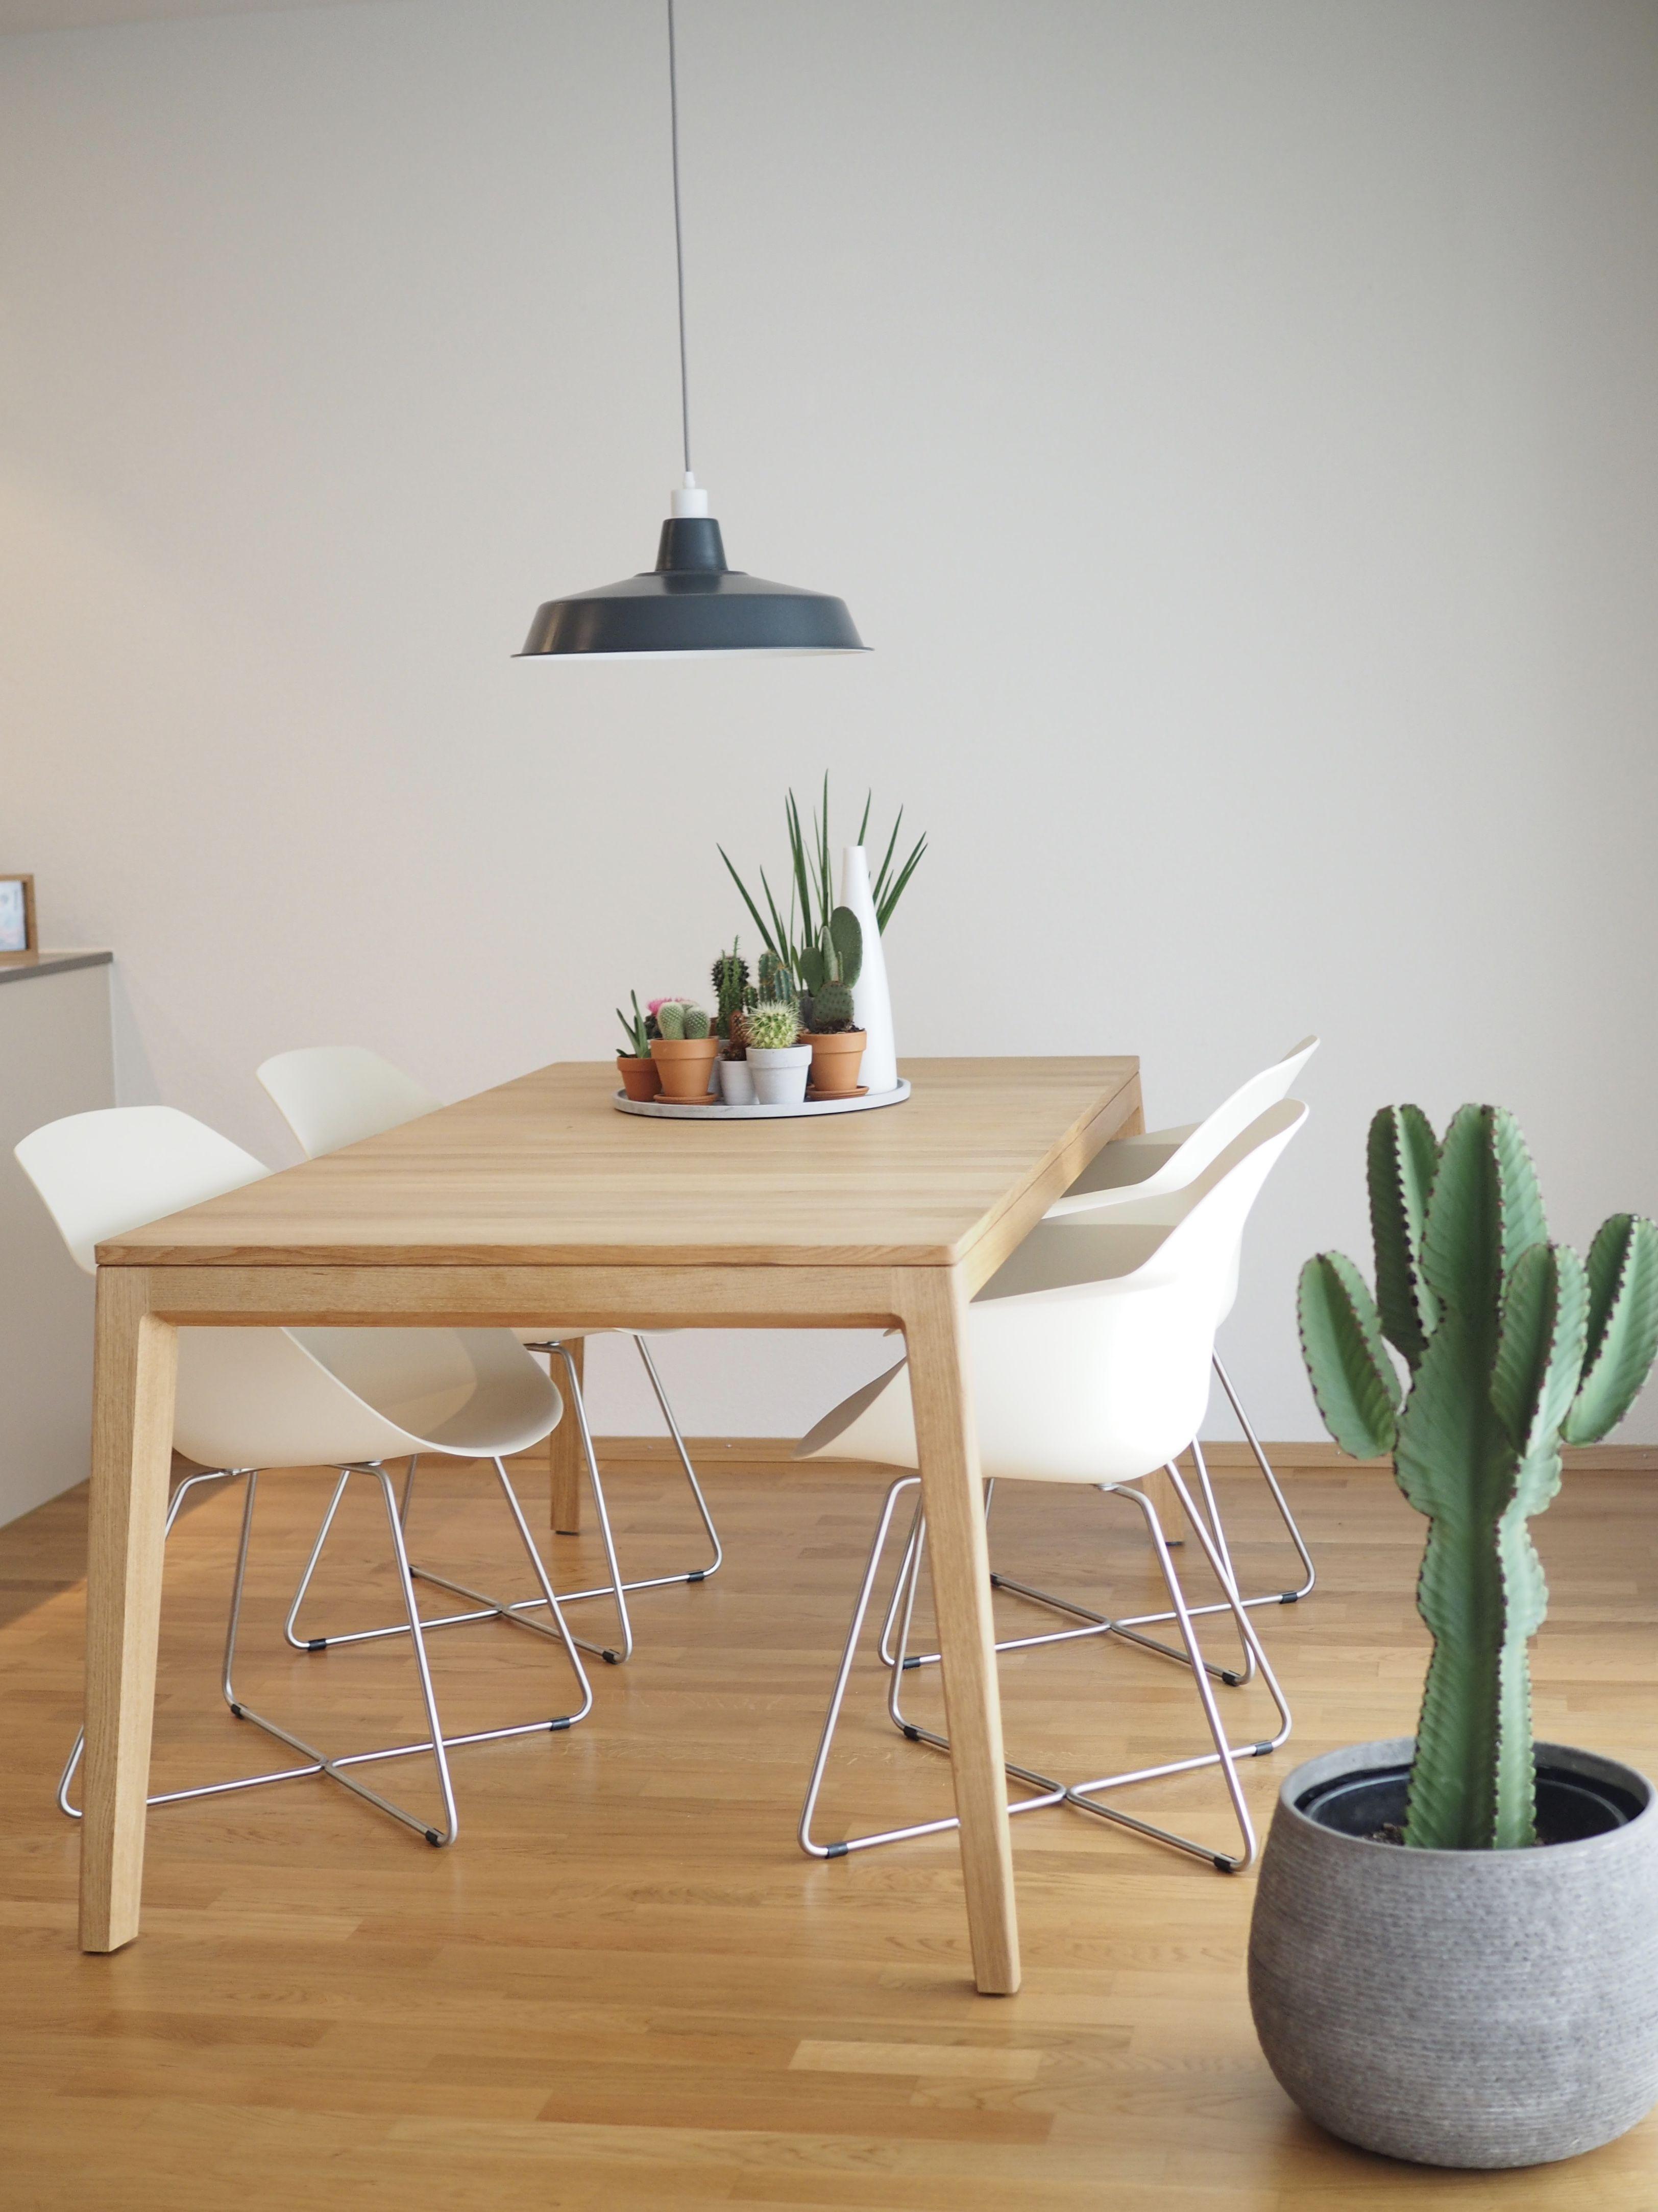 Cute Dining Room Esszimmer Mit Kakteen Von Carine Wenger Connox Beunique Kuchenstuhle Pastel Decor Wohnkuche